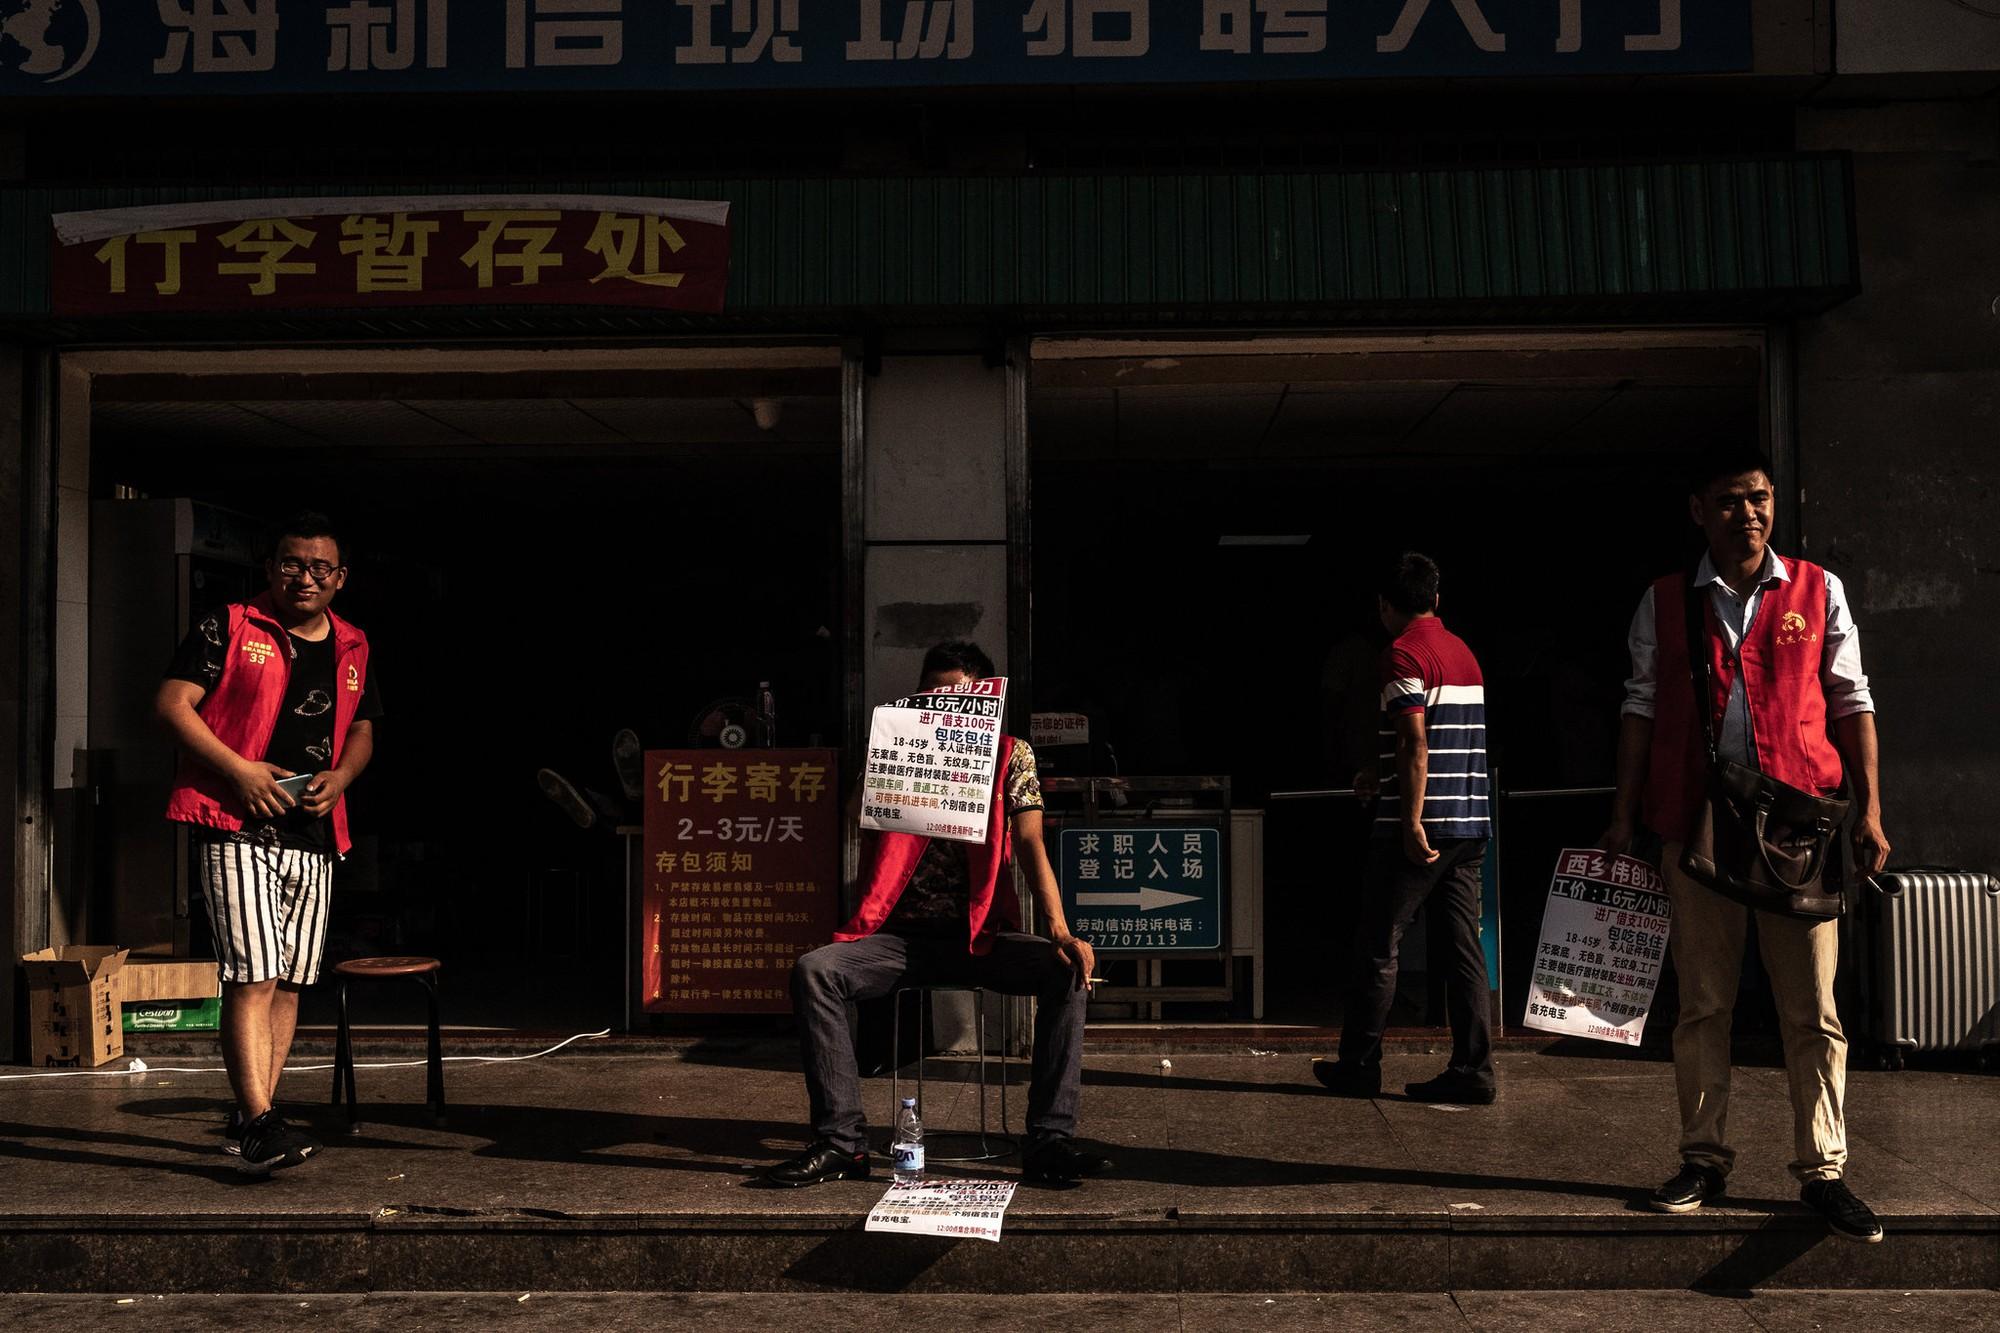 Trung Quốc: Đất nước thất bại trong việc thất bại - Ảnh 18.